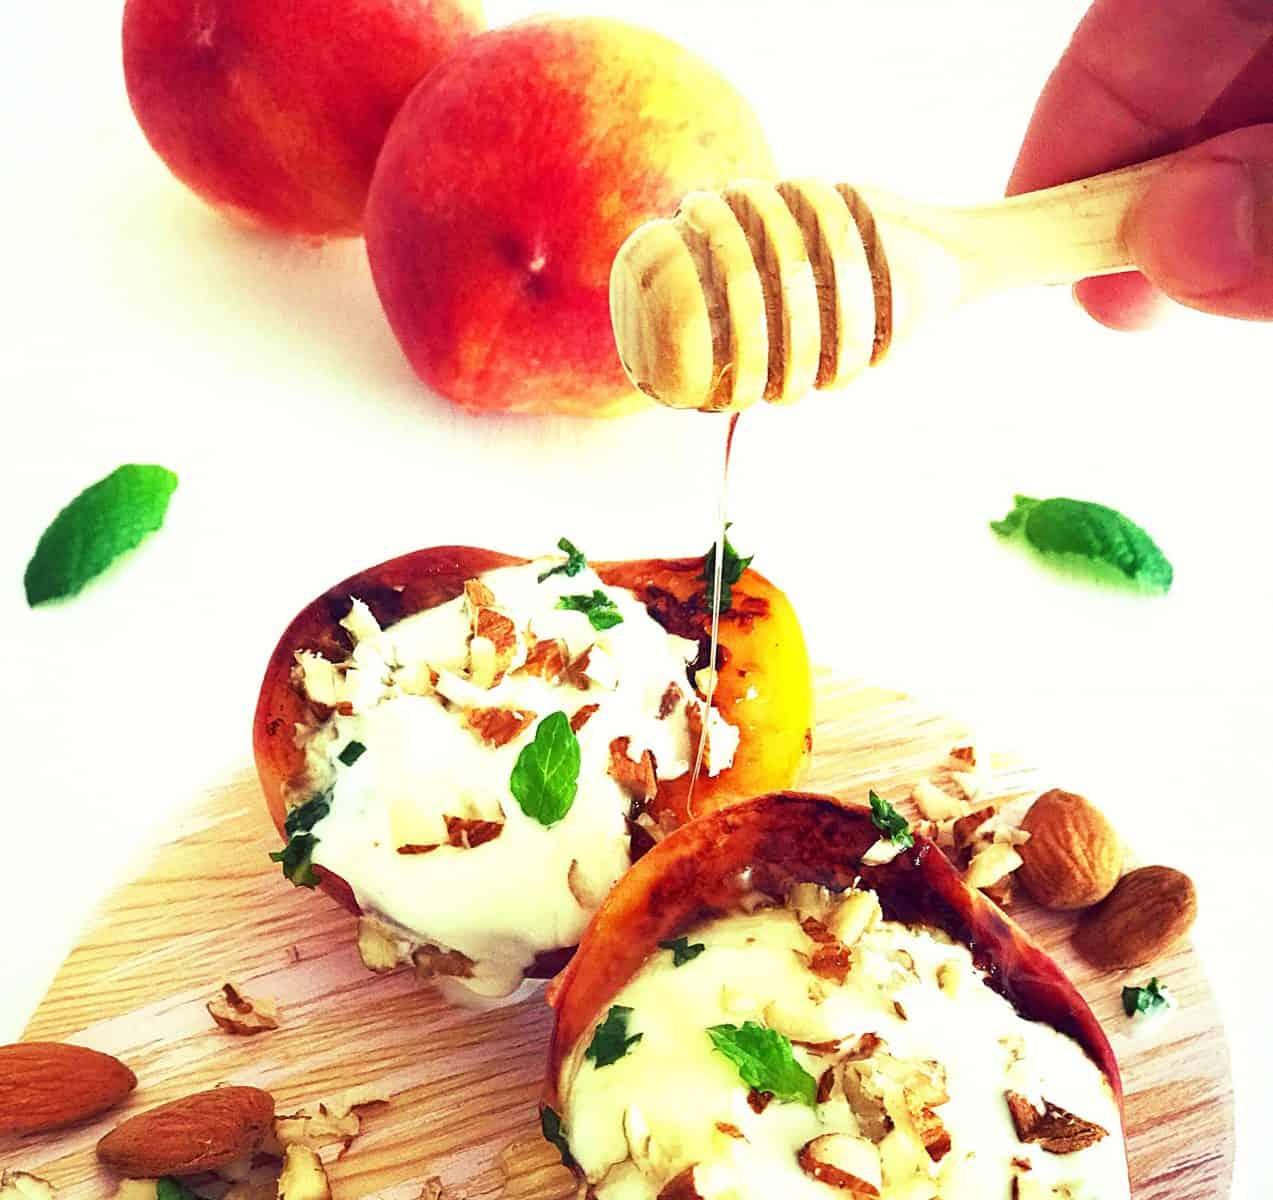 Pêssegos grelhados com iogurte, amêndoas e hortelã